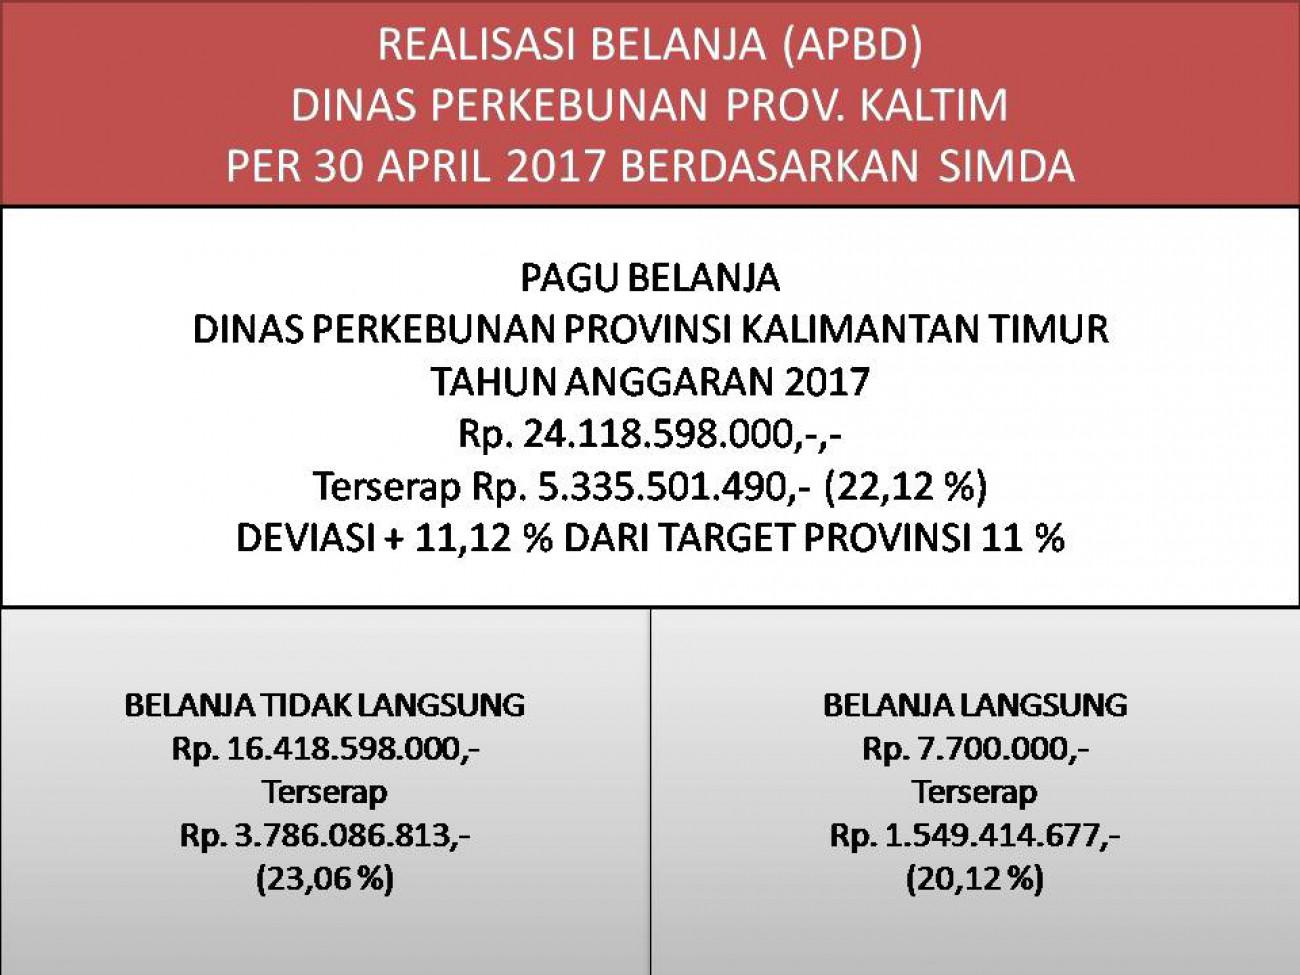 Laporan Realisasi APBD Dinas Perkebunan Prov. Kaltim Bulan April 2017